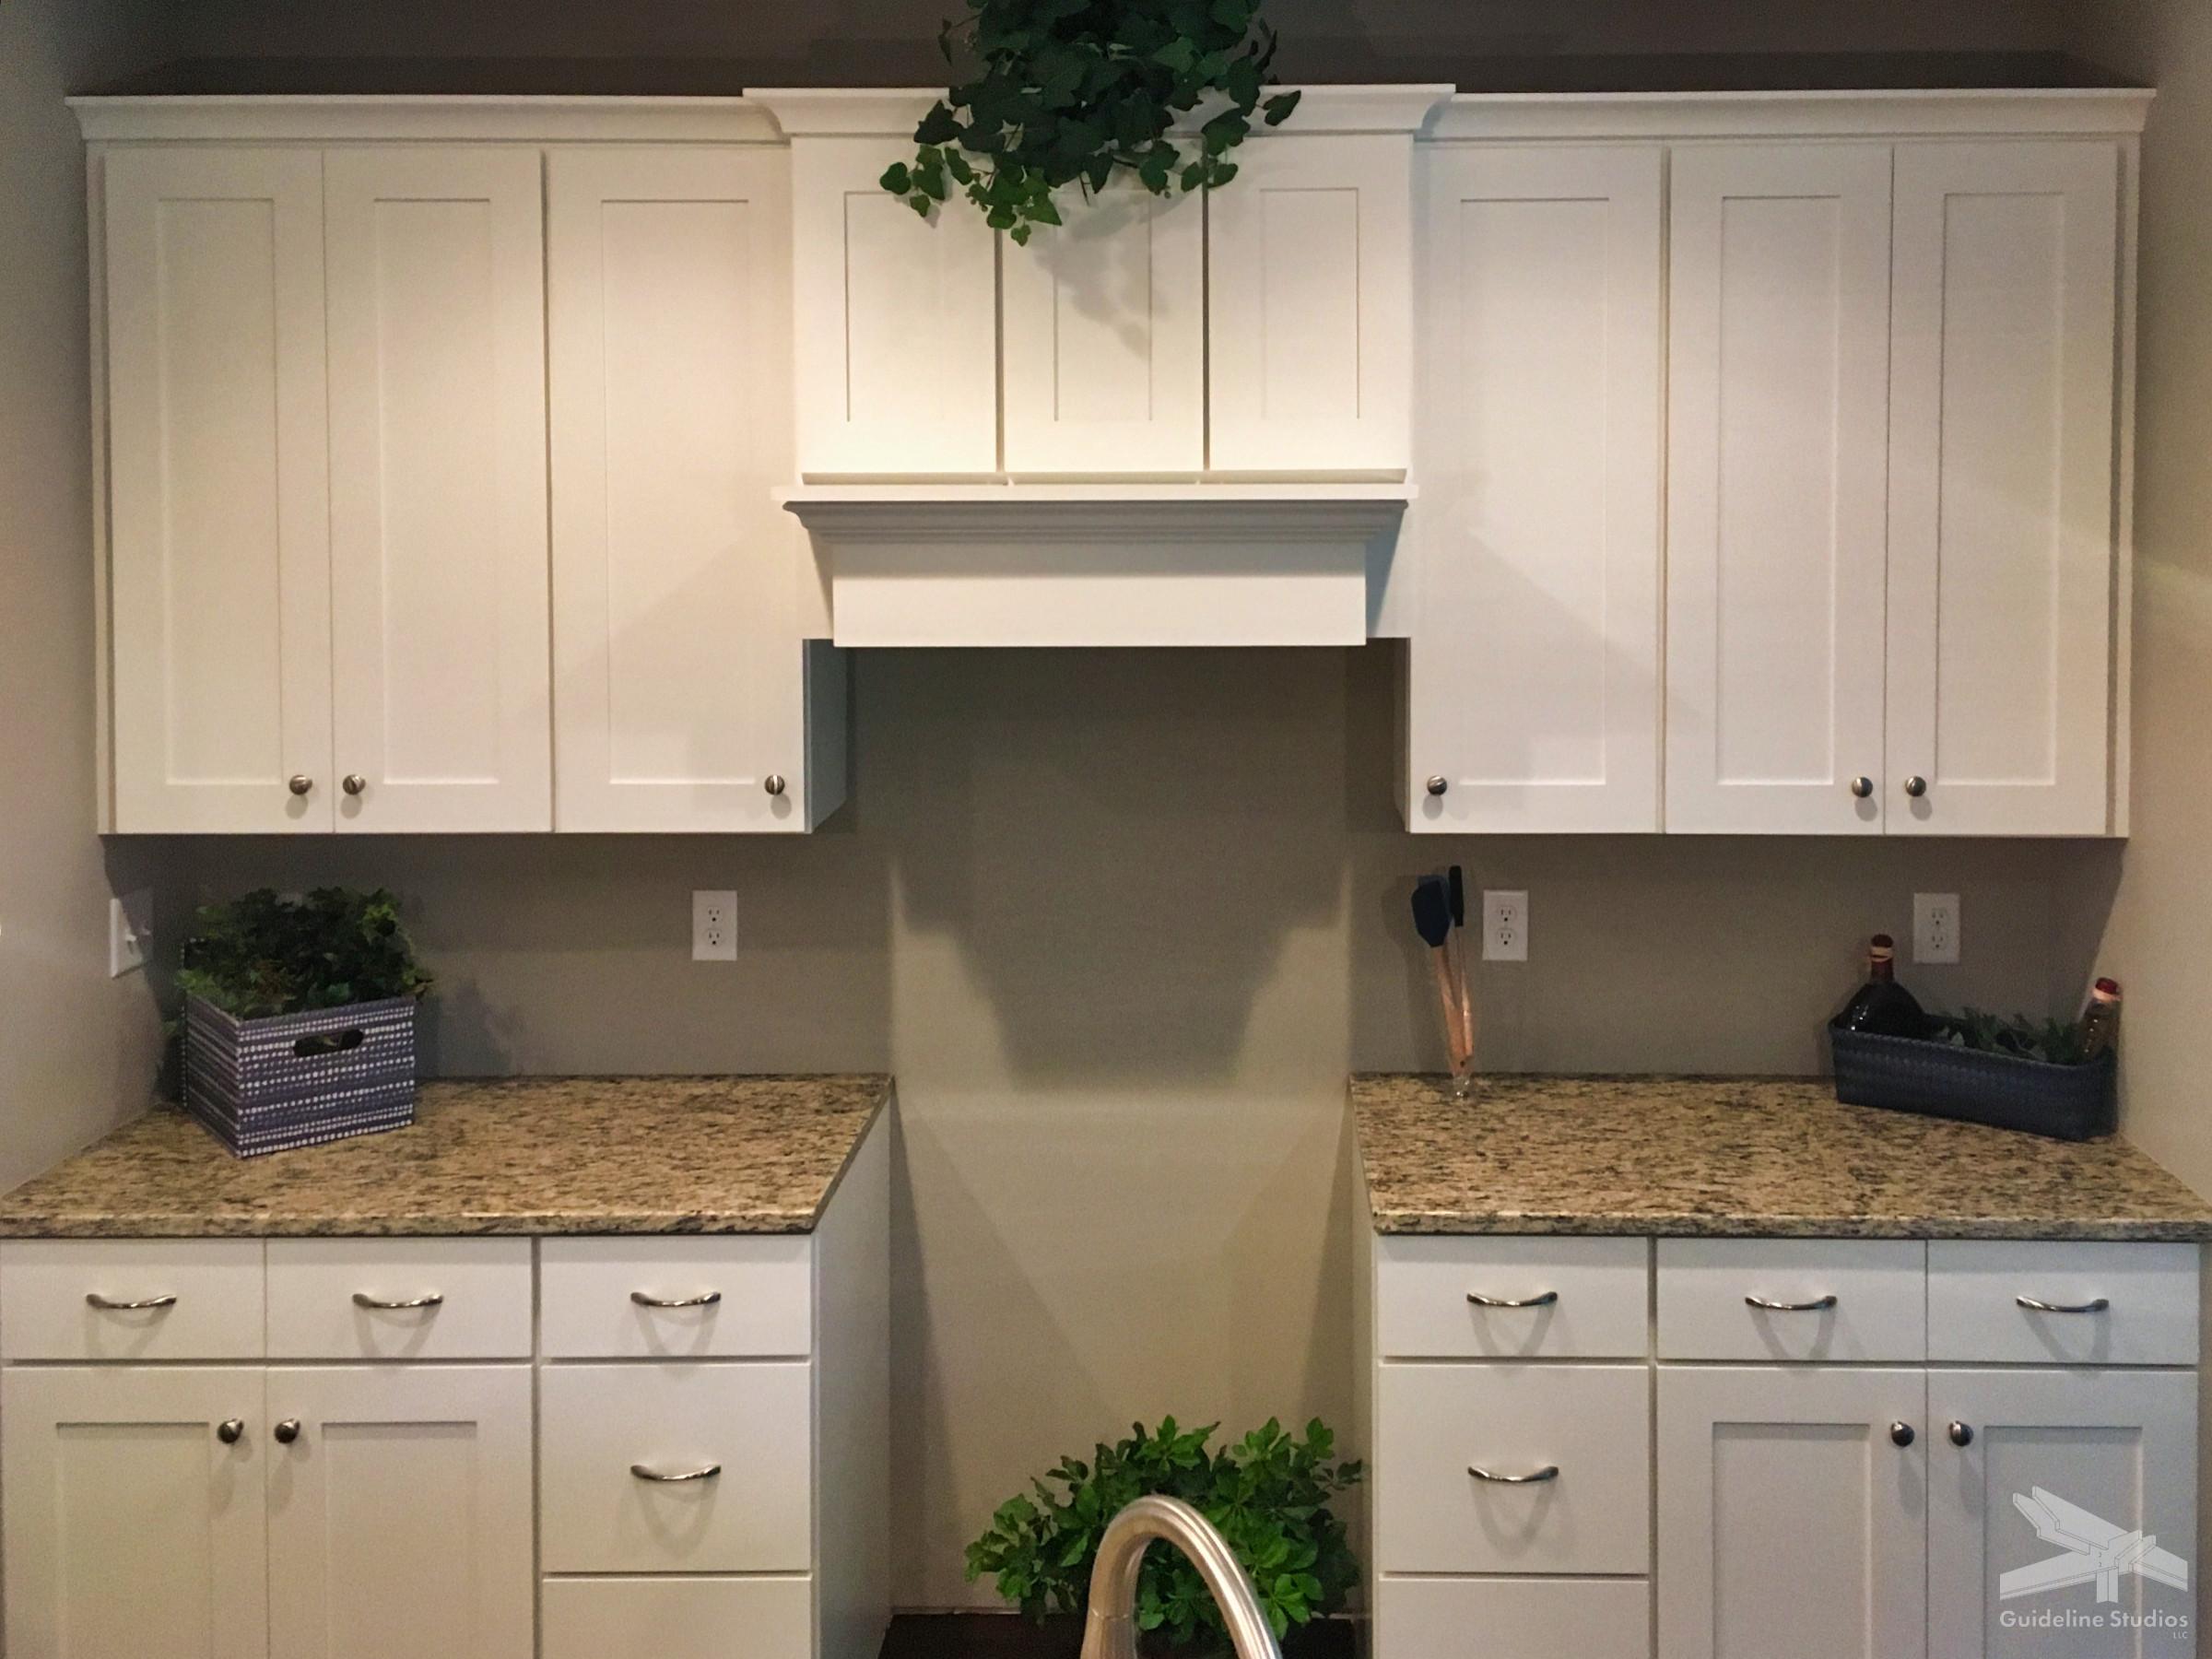 BBIII Kitchen Cabinets